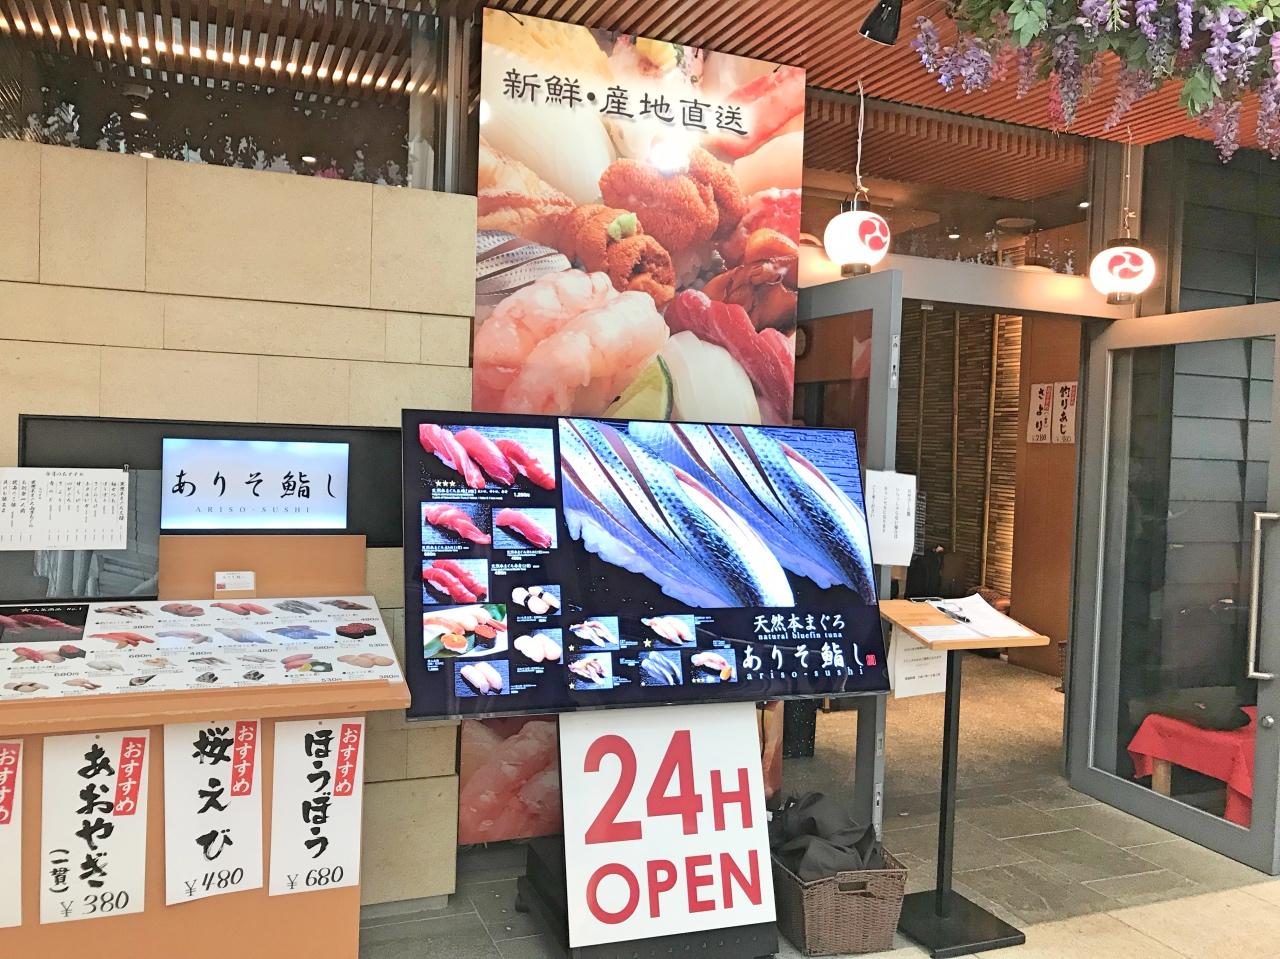 江戸小路レストラン1